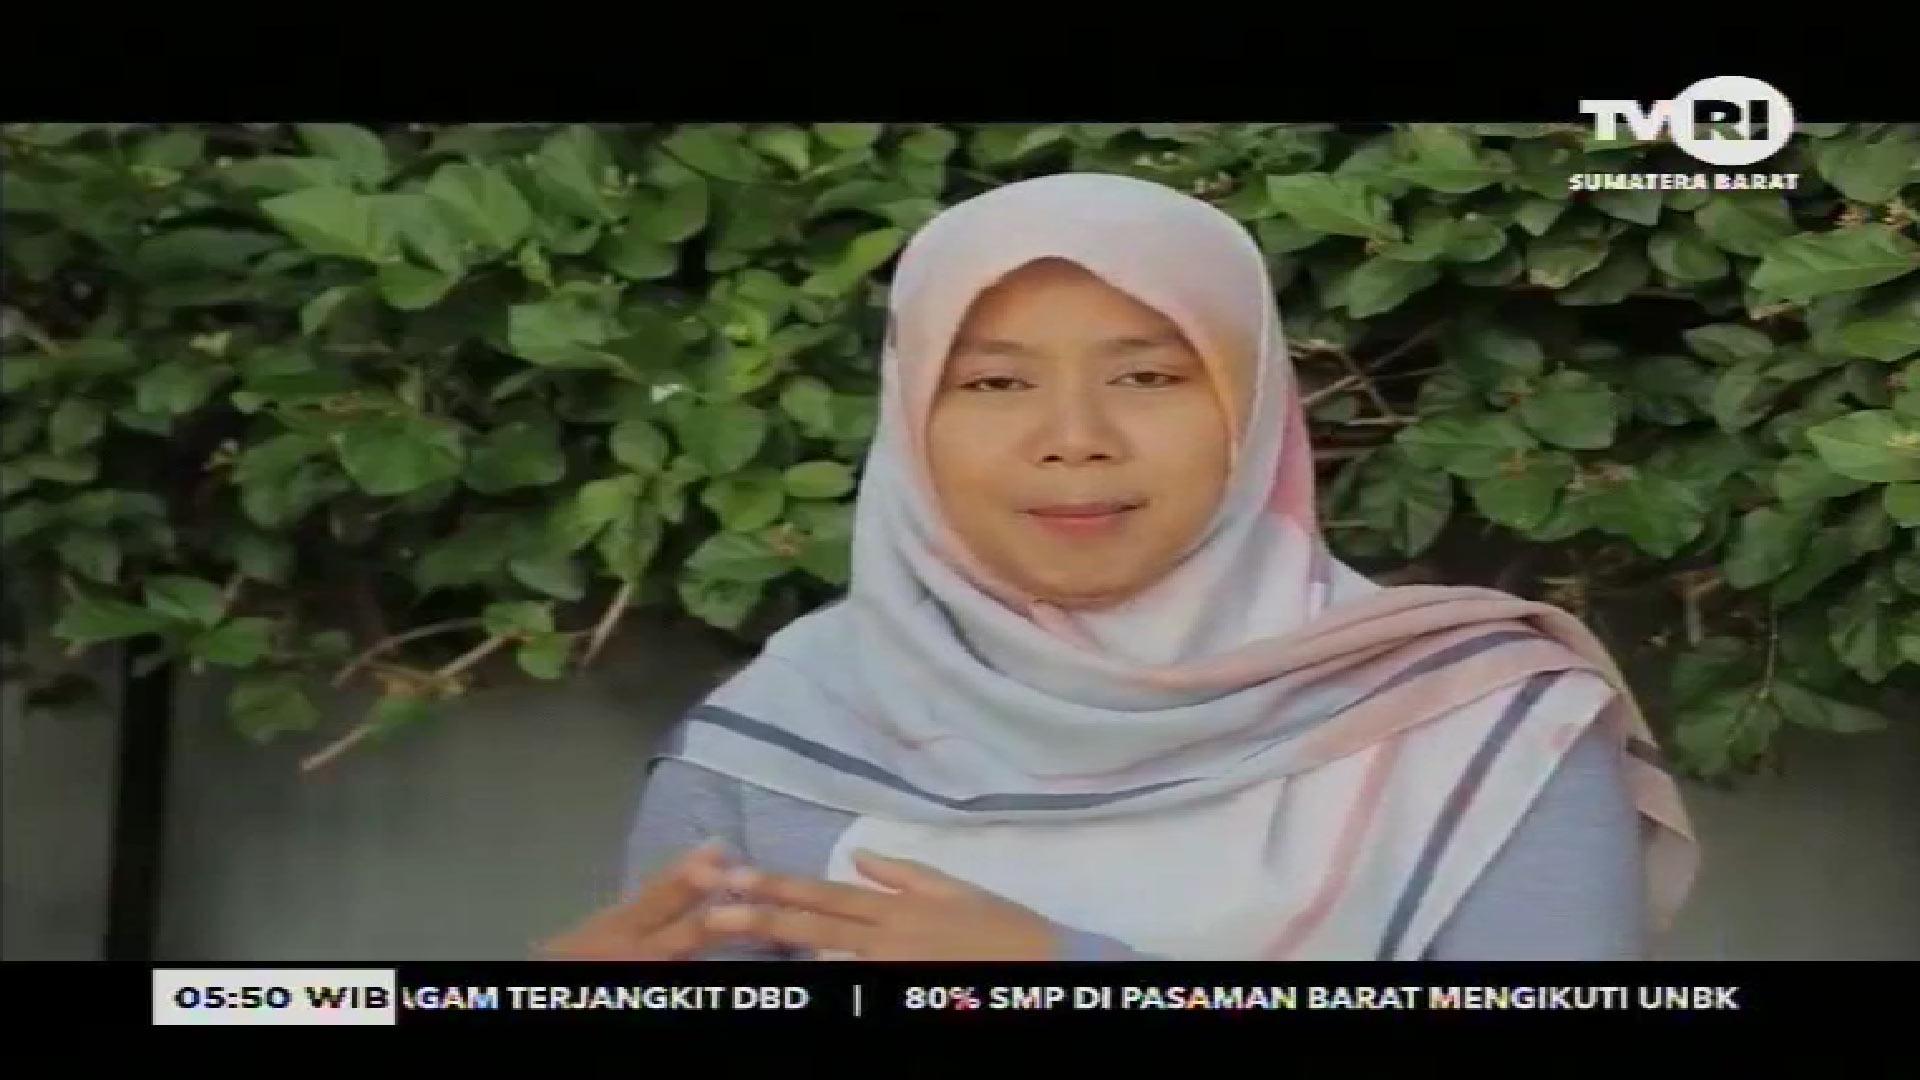 Frekuensi siaran TVRI Sumatera Barat di satelit Telkom 4 Terbaru